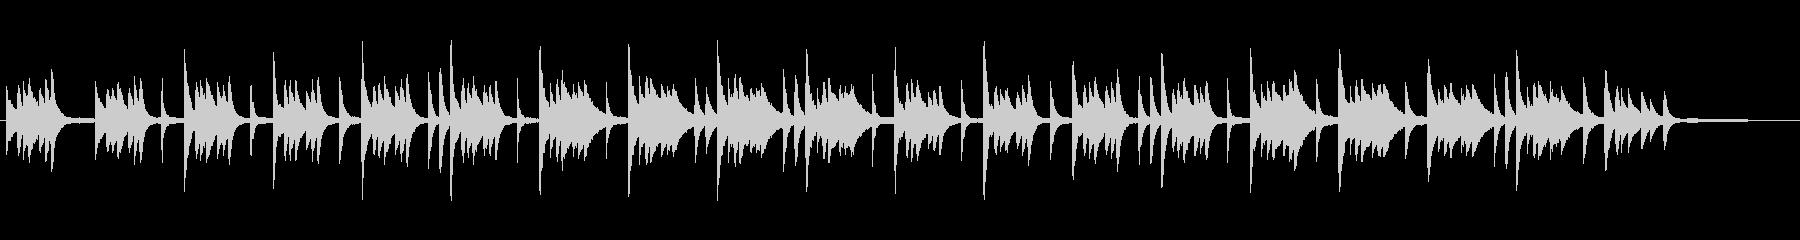 正月を感じさせる落ち着いたピアノBGM2の未再生の波形